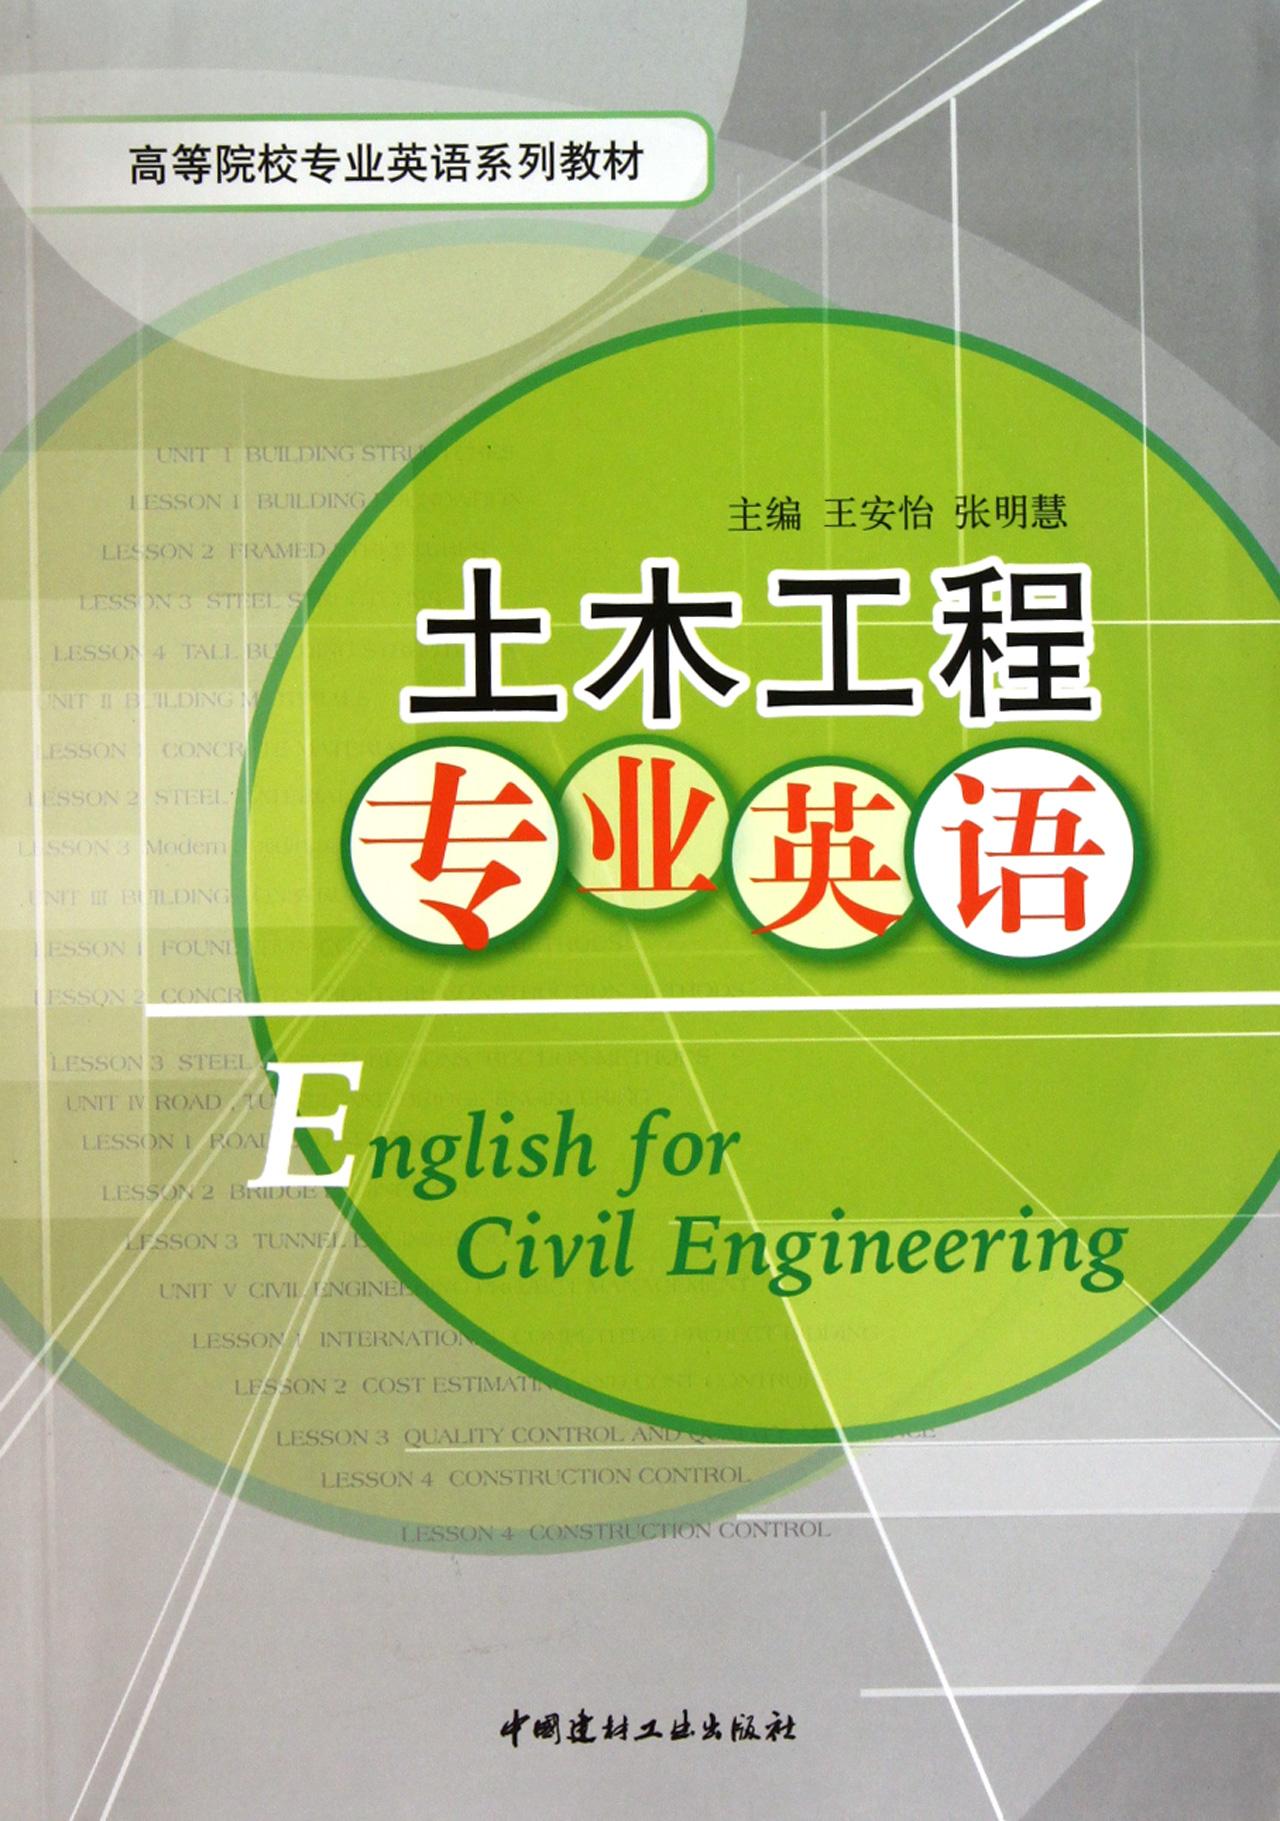 土木工程各专业的专业特点